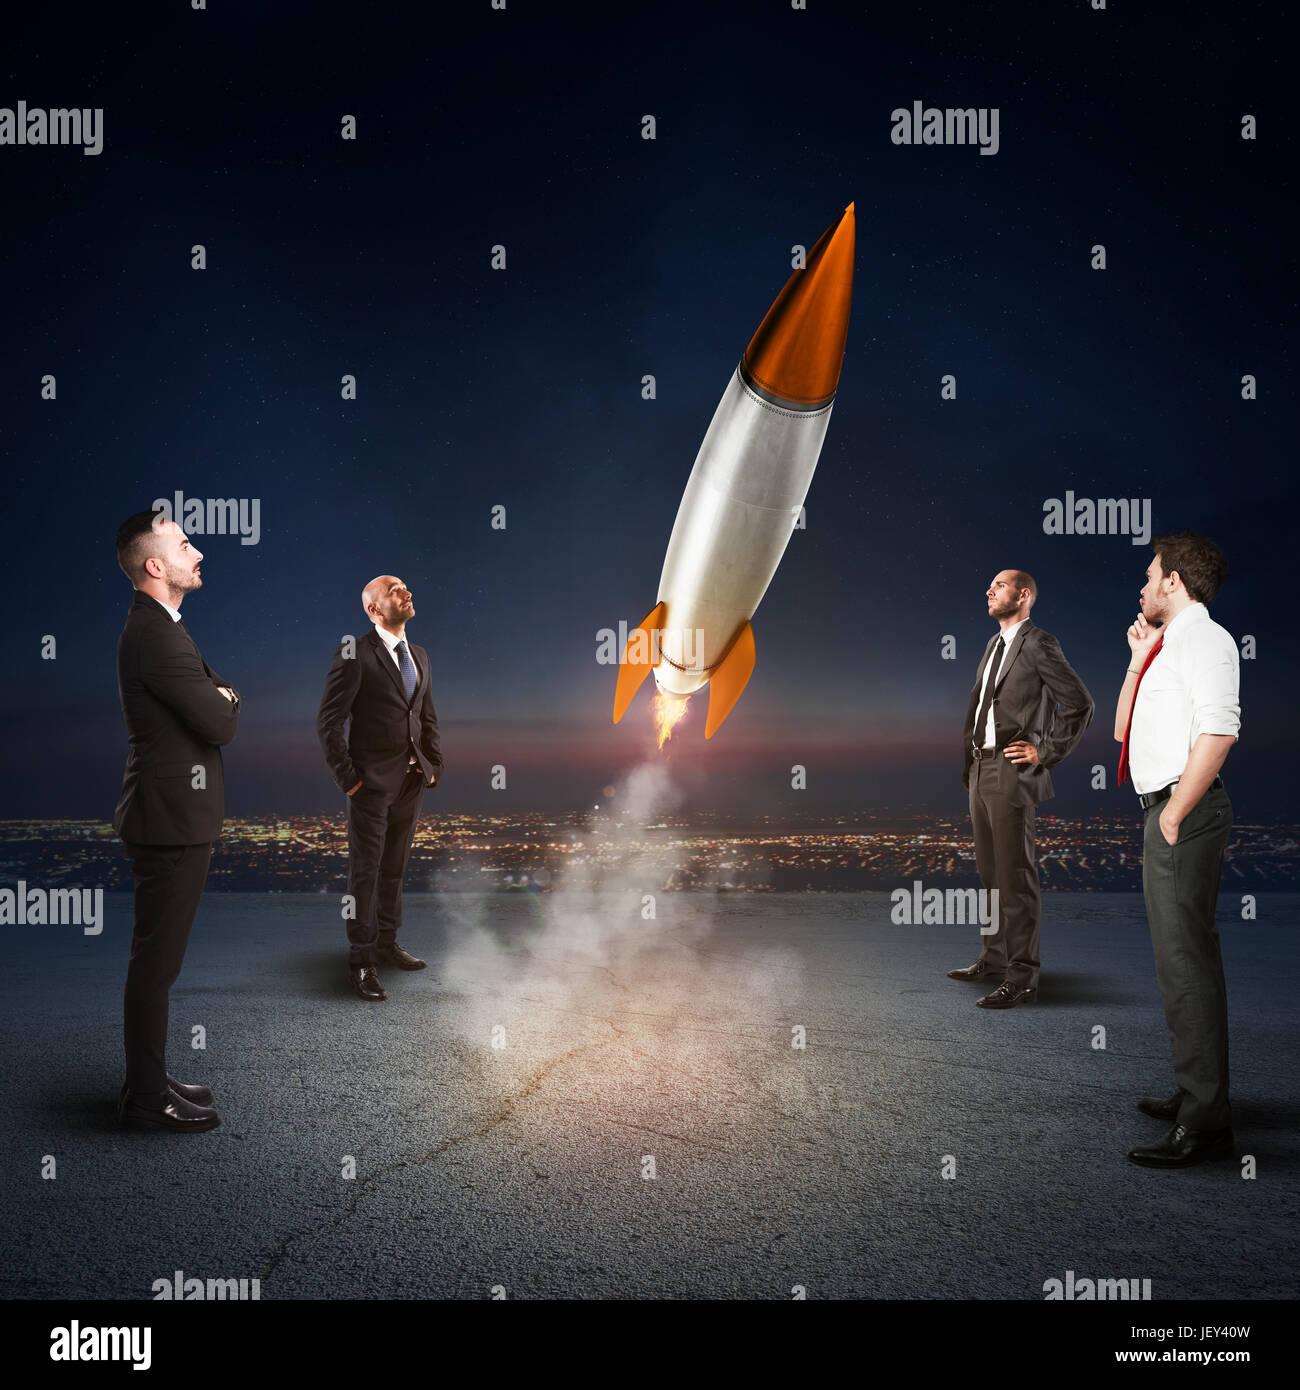 Team der Unternehmer sieht start eine Rakete. Konzept der Firma Start und Neugeschäft. 3D-Rendering. Stockbild